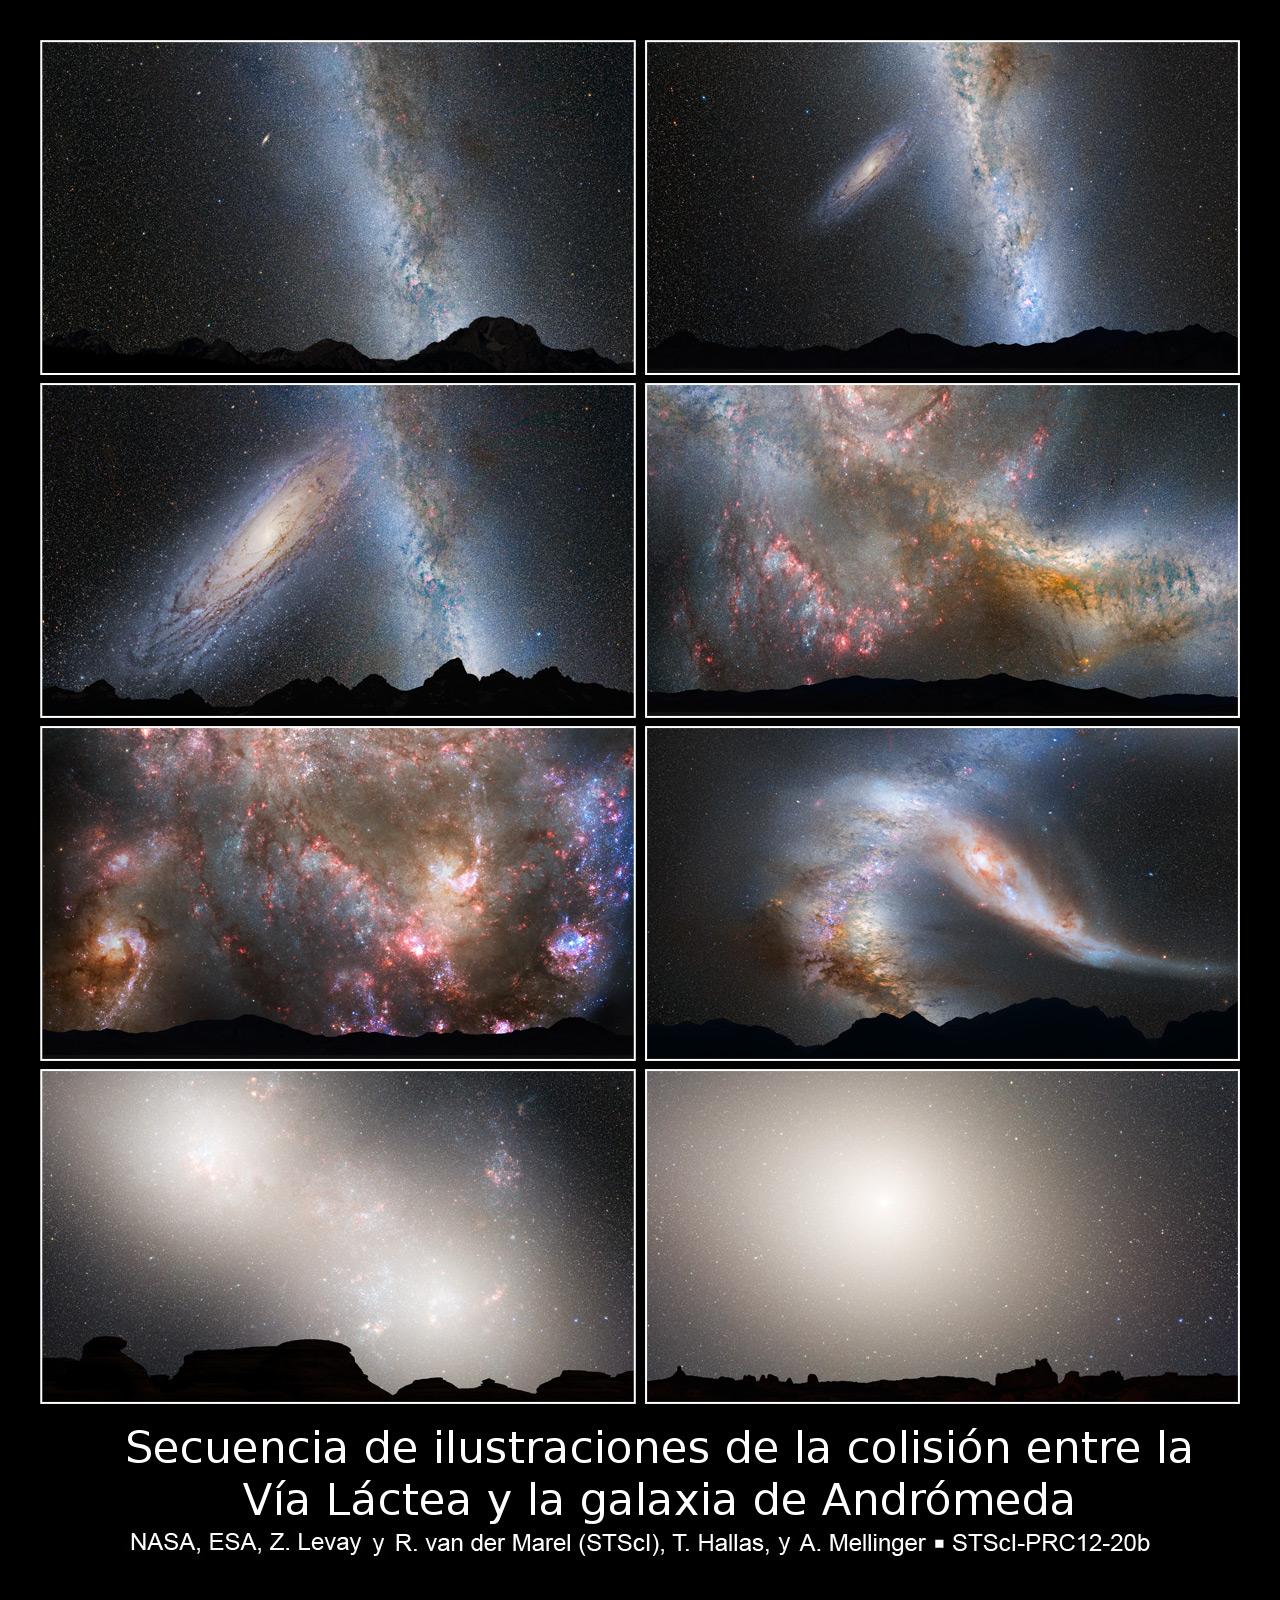 Resultado de imagen de La galaxia Andrómeda se acerca para fusionarse con la Vía Láctea